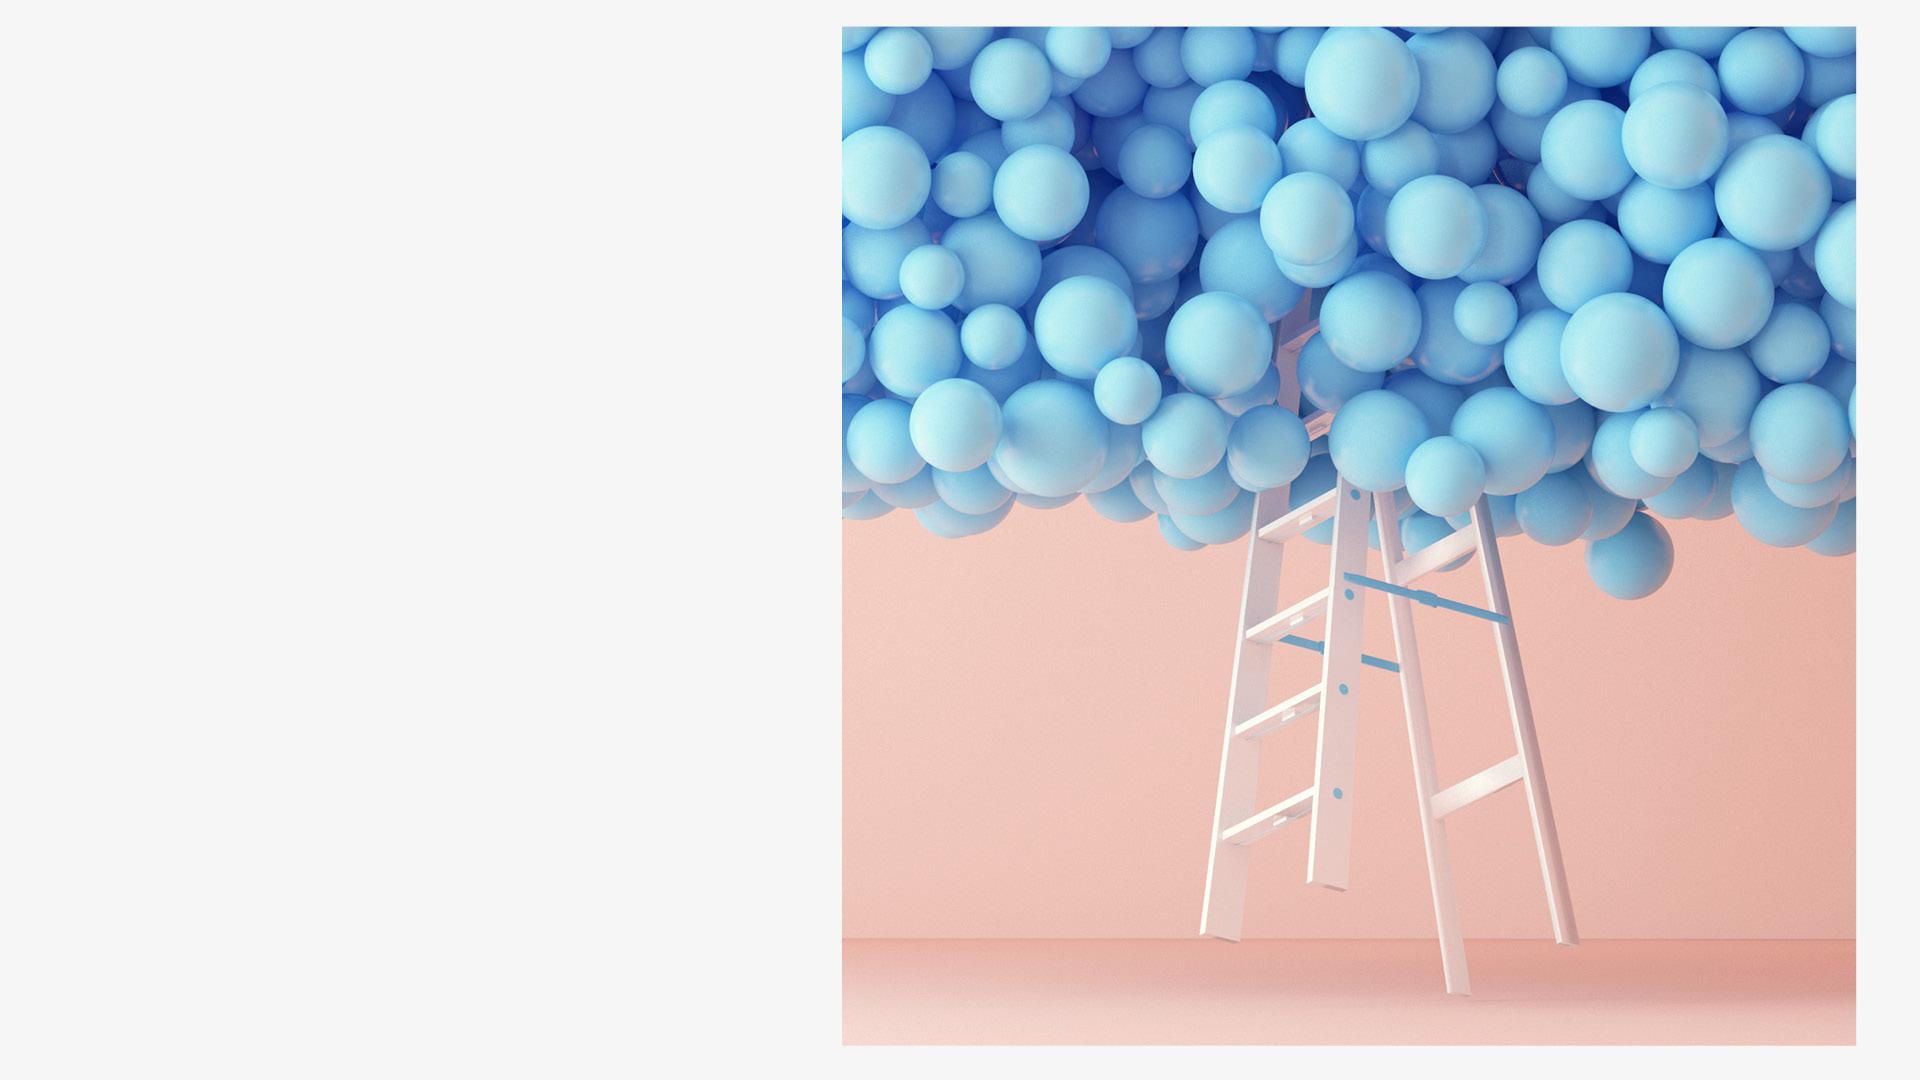 《水晶粉与静谧蓝1》<br/>唯一尺寸限量50版